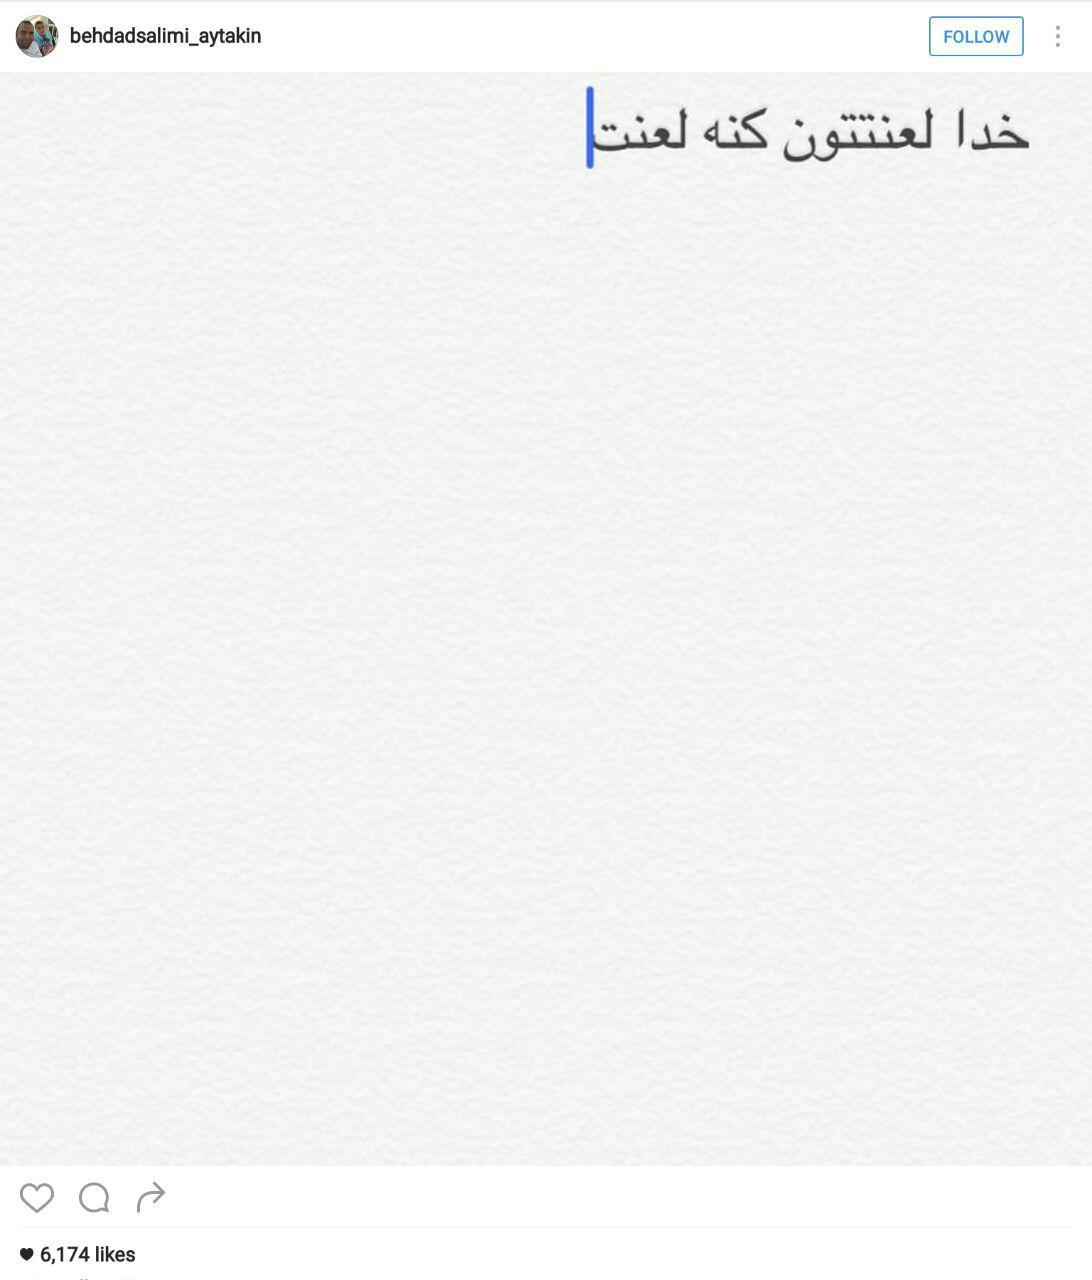 واکنش تند همسر بهداد سلیمی به کسانی که اشک همسرش را درآوردند+عکس